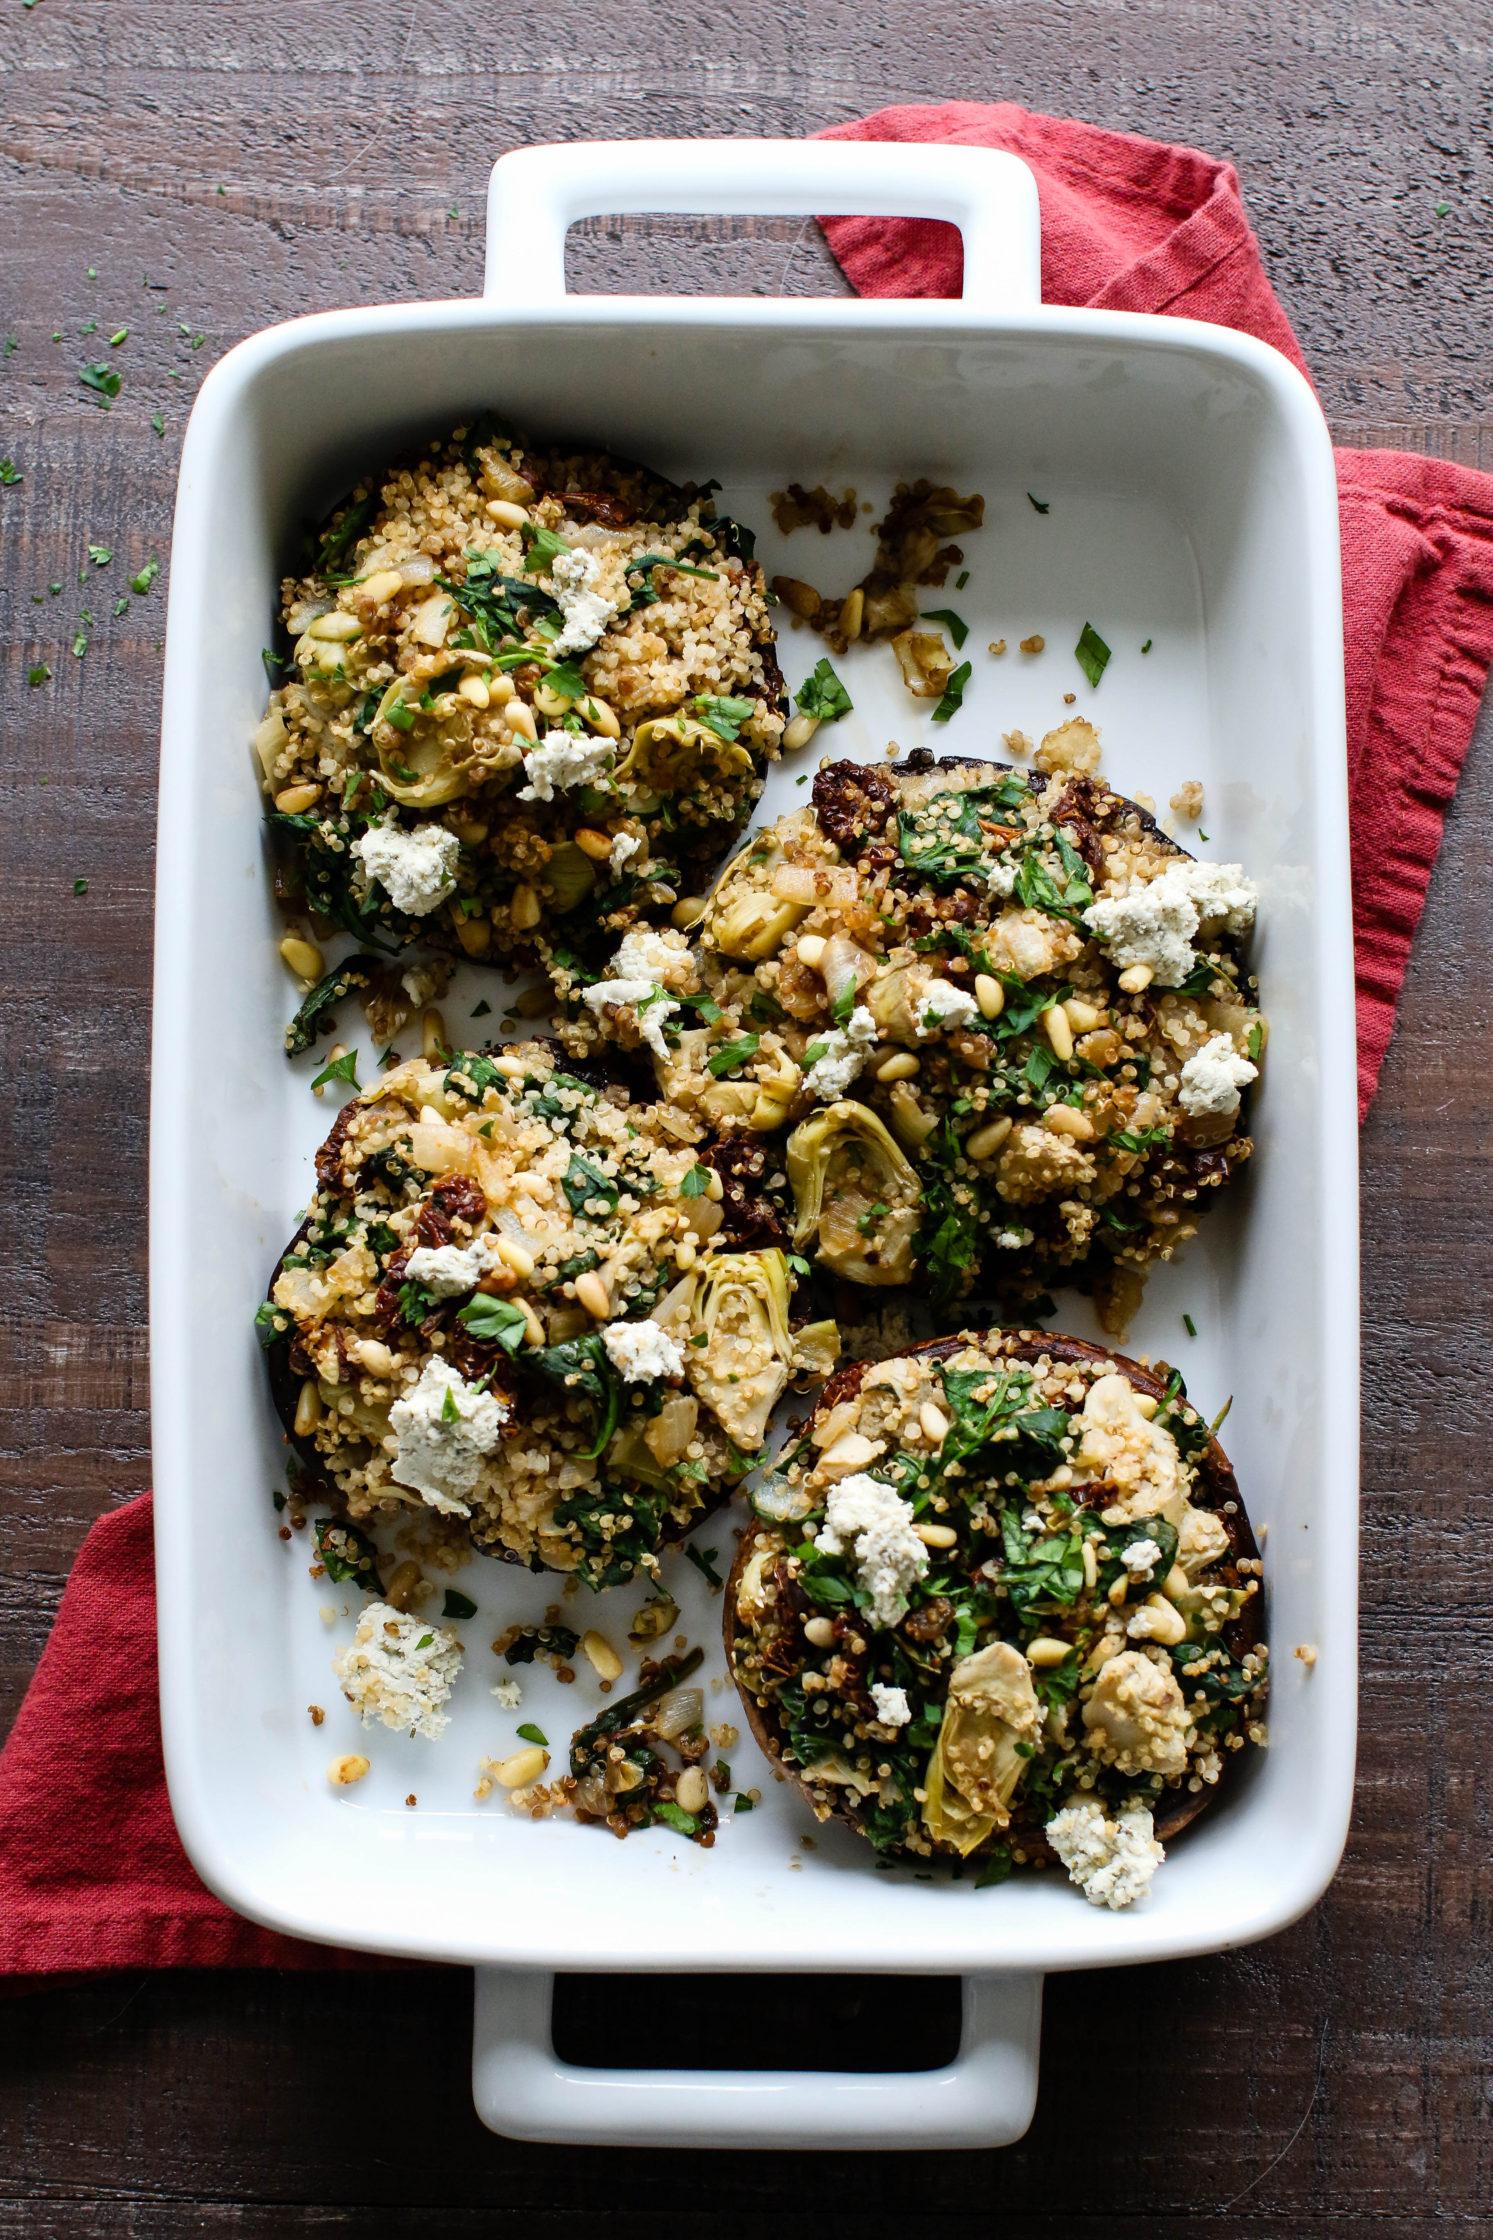 Spinach, Artichoke, & Quinoa Stuffed Portobello Mushrooms by Flora & Vino